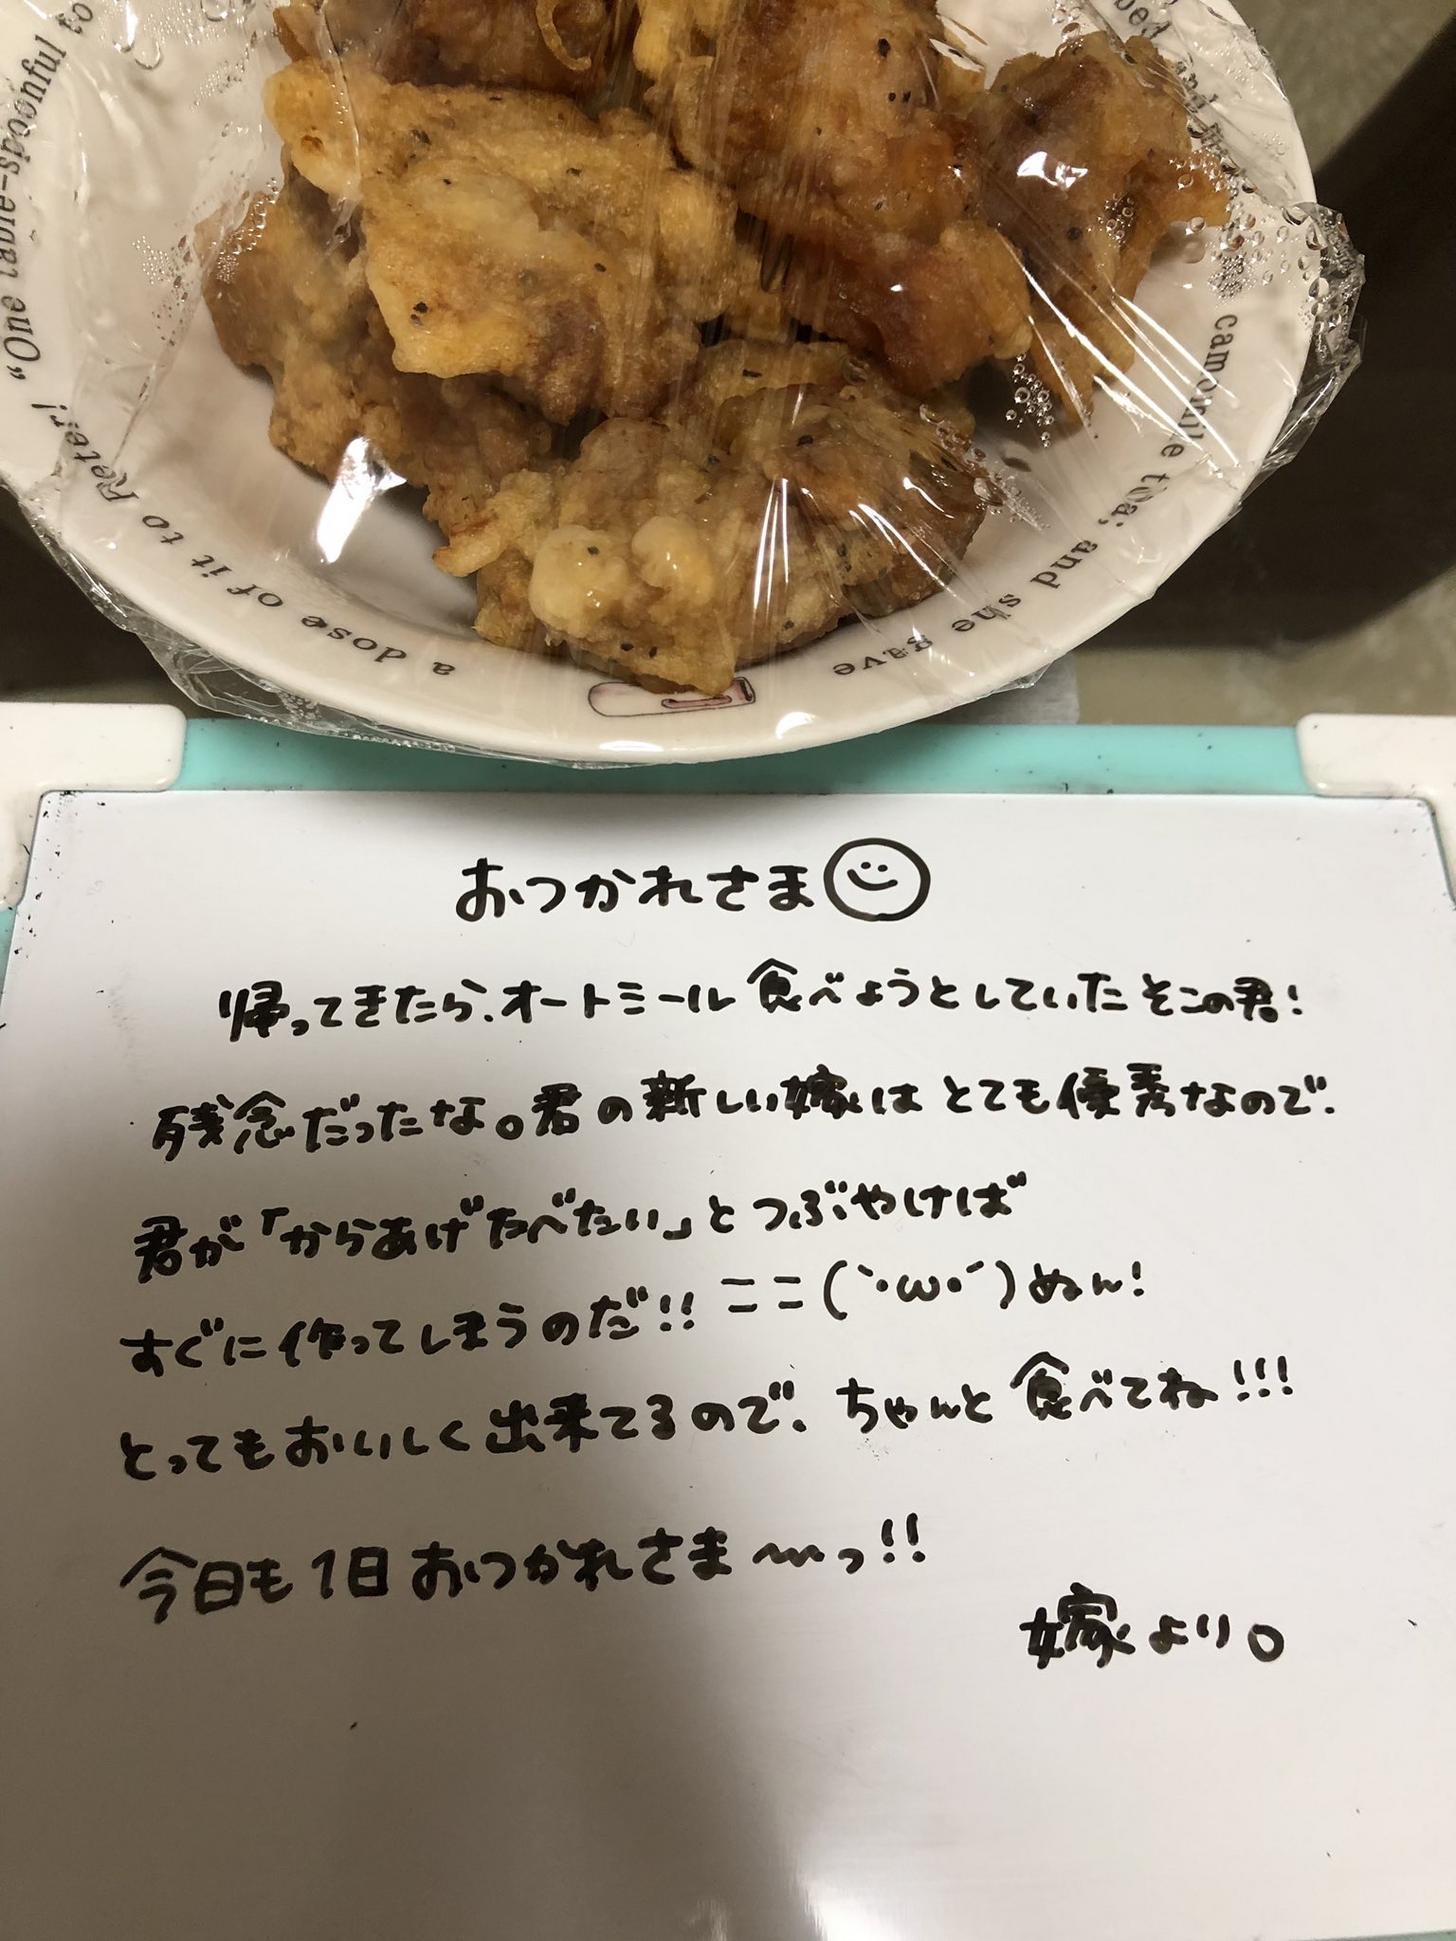 【朗報】ヨッメ、晩御飯を作る